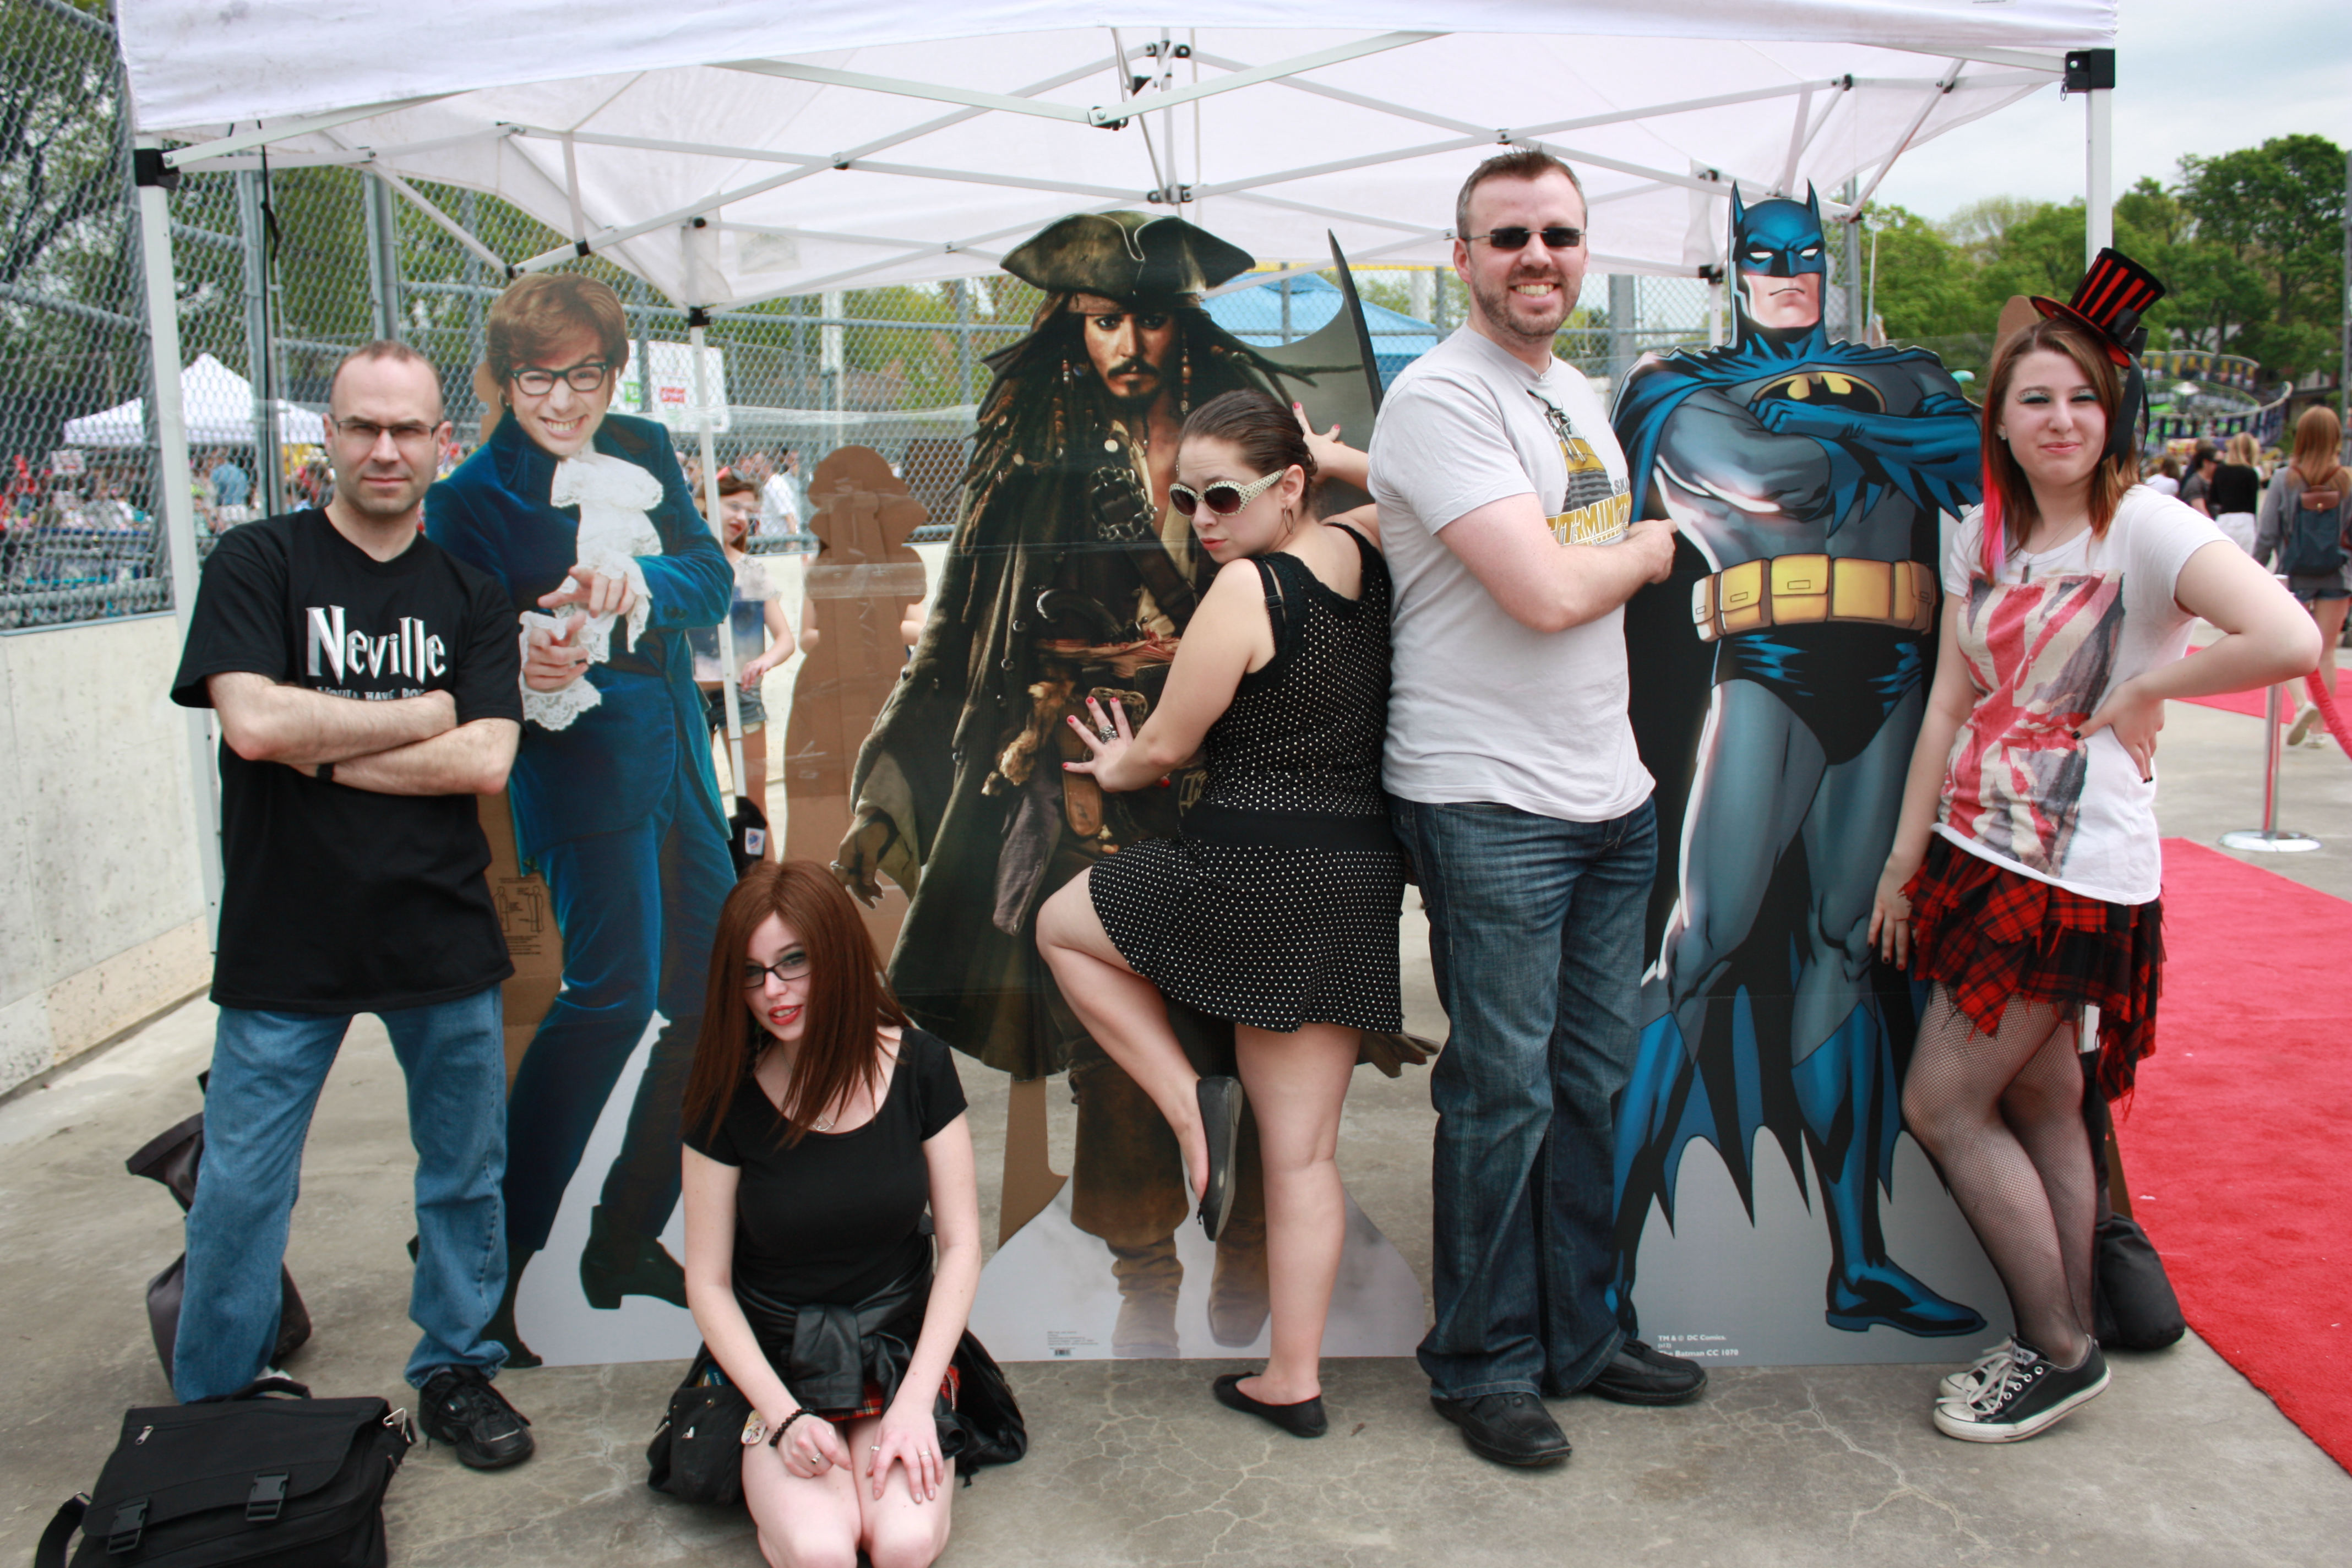 May Fair 2012 Toronto